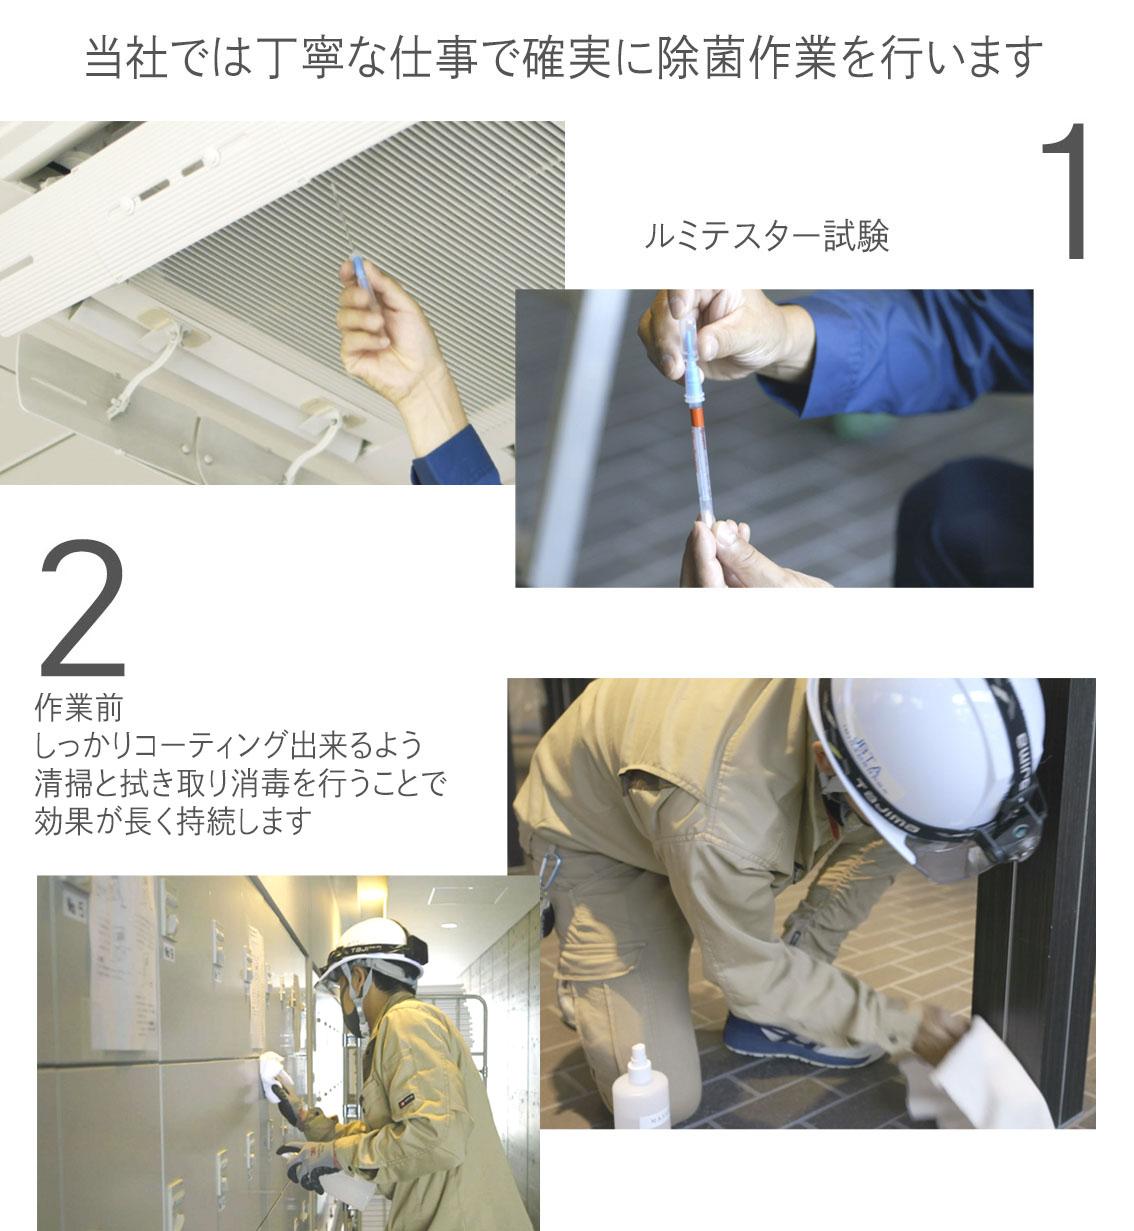 ユニゾンの光触媒コーティングは丁寧確実。ルミテスター試験をして現場で確認してもらいます。作業前はコーティングが効果的になるよう清掃と拭き取り消毒を行います。